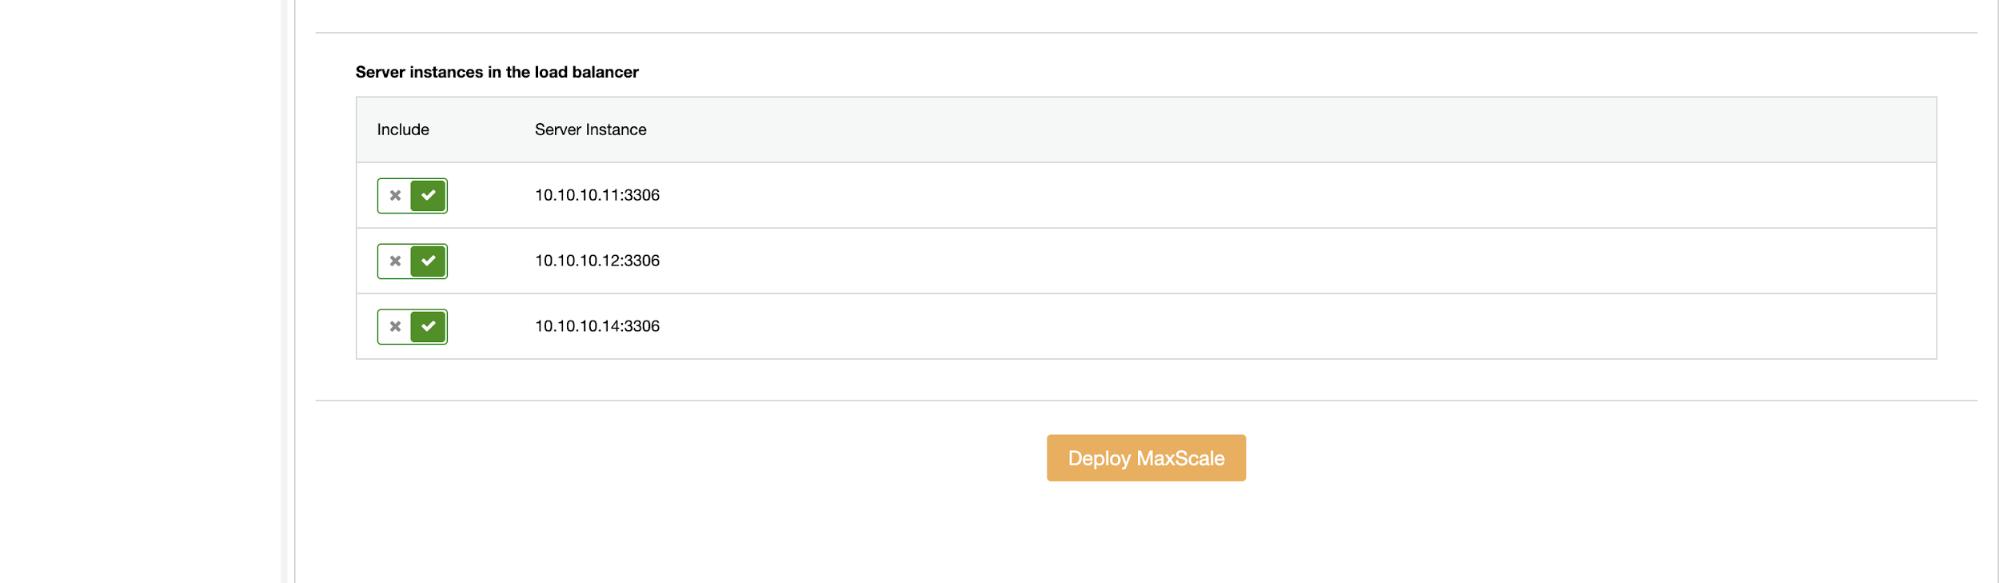 MariaDB Cluster Deployment